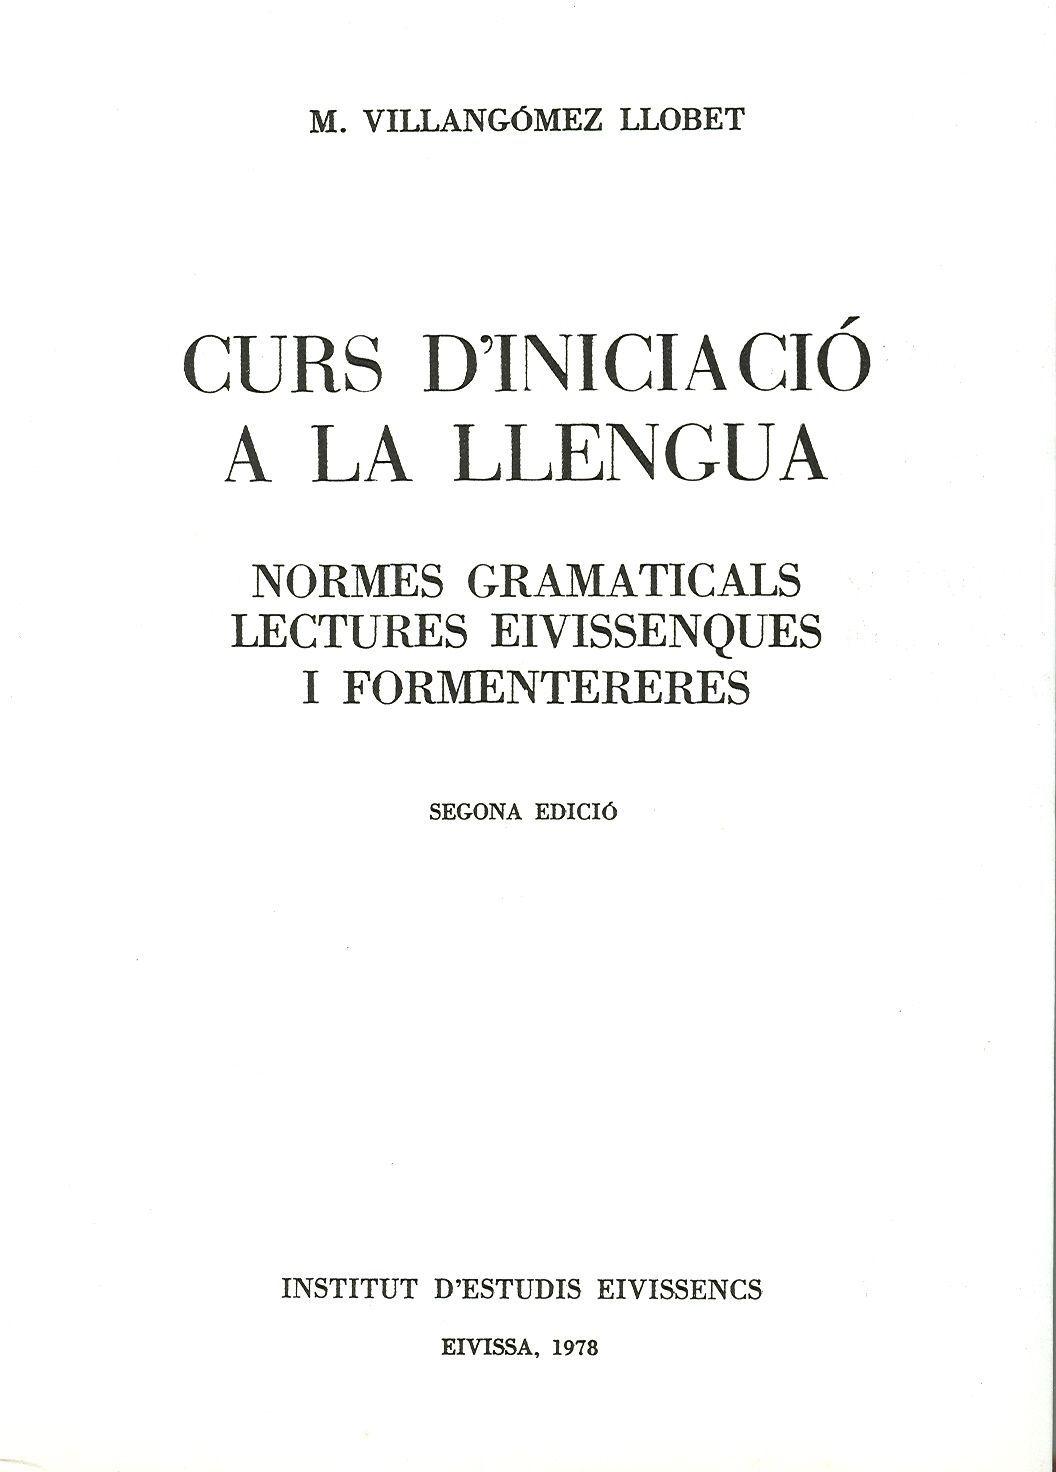 Curs d'iniciació a la llengua